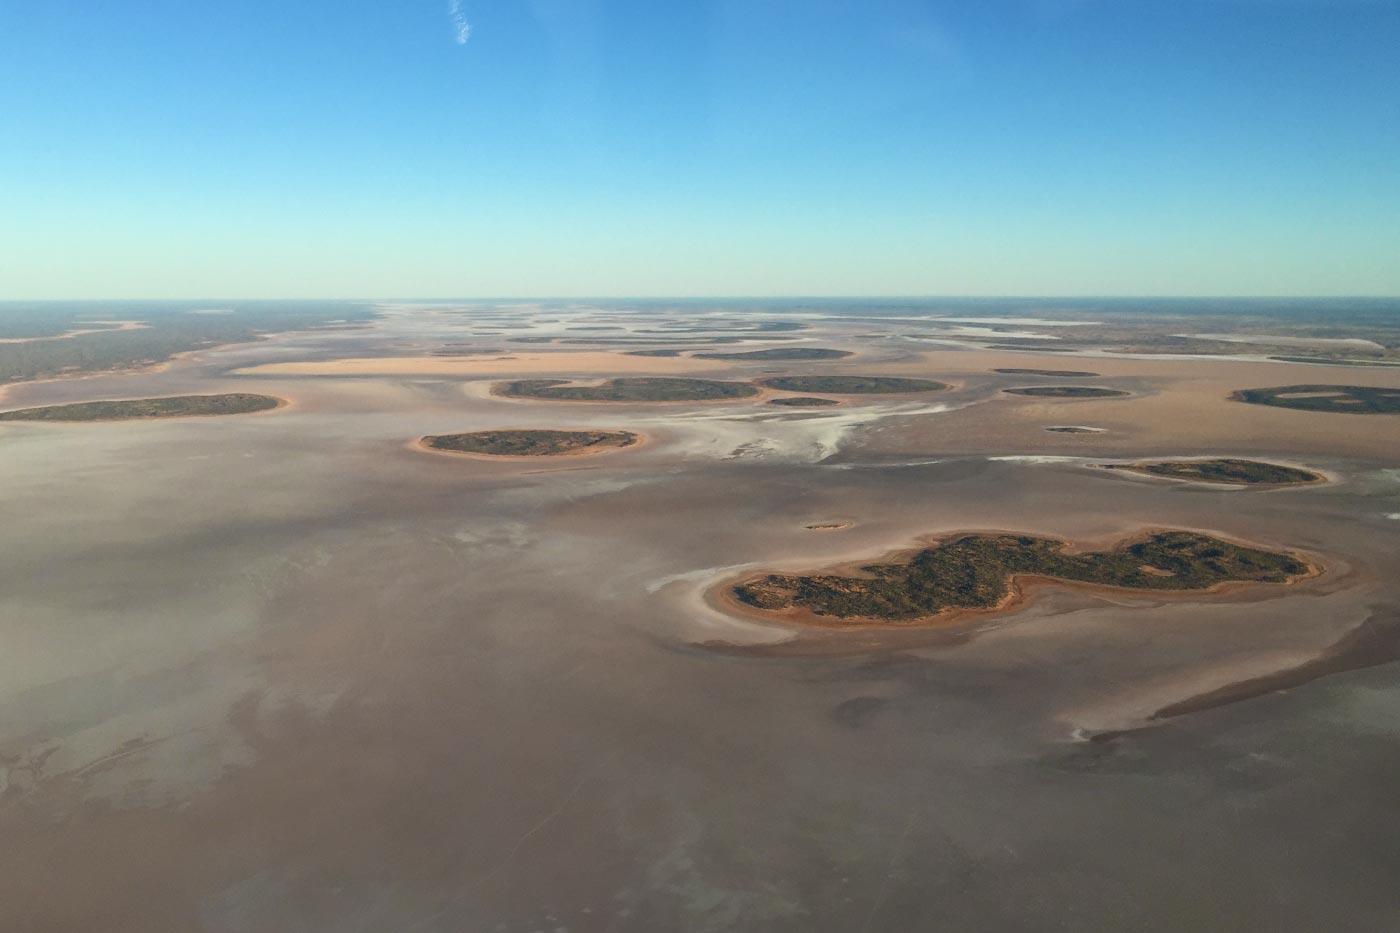 Salzsee im australischen Outback